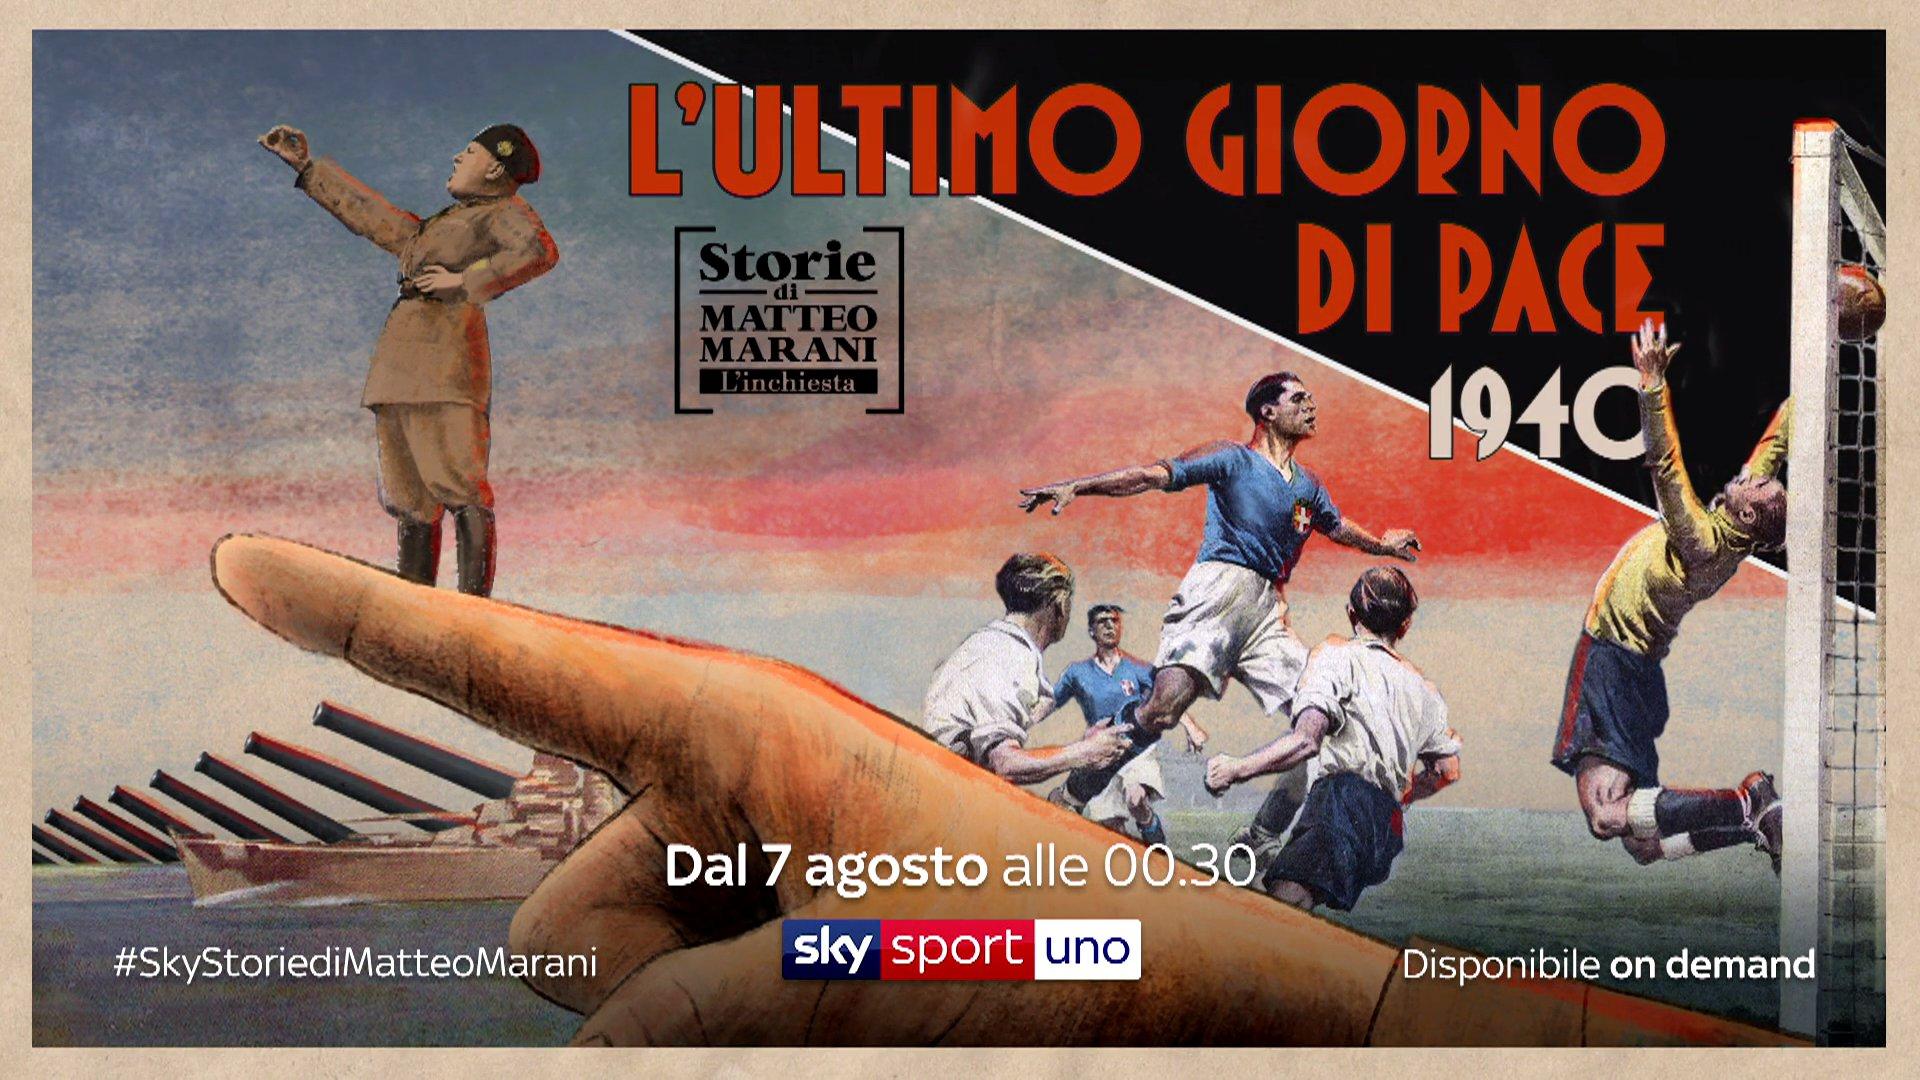 Storie di Matteo Marani su Sky Sport, «9 Giugno 1940 - L'ultimo giorno di pace»